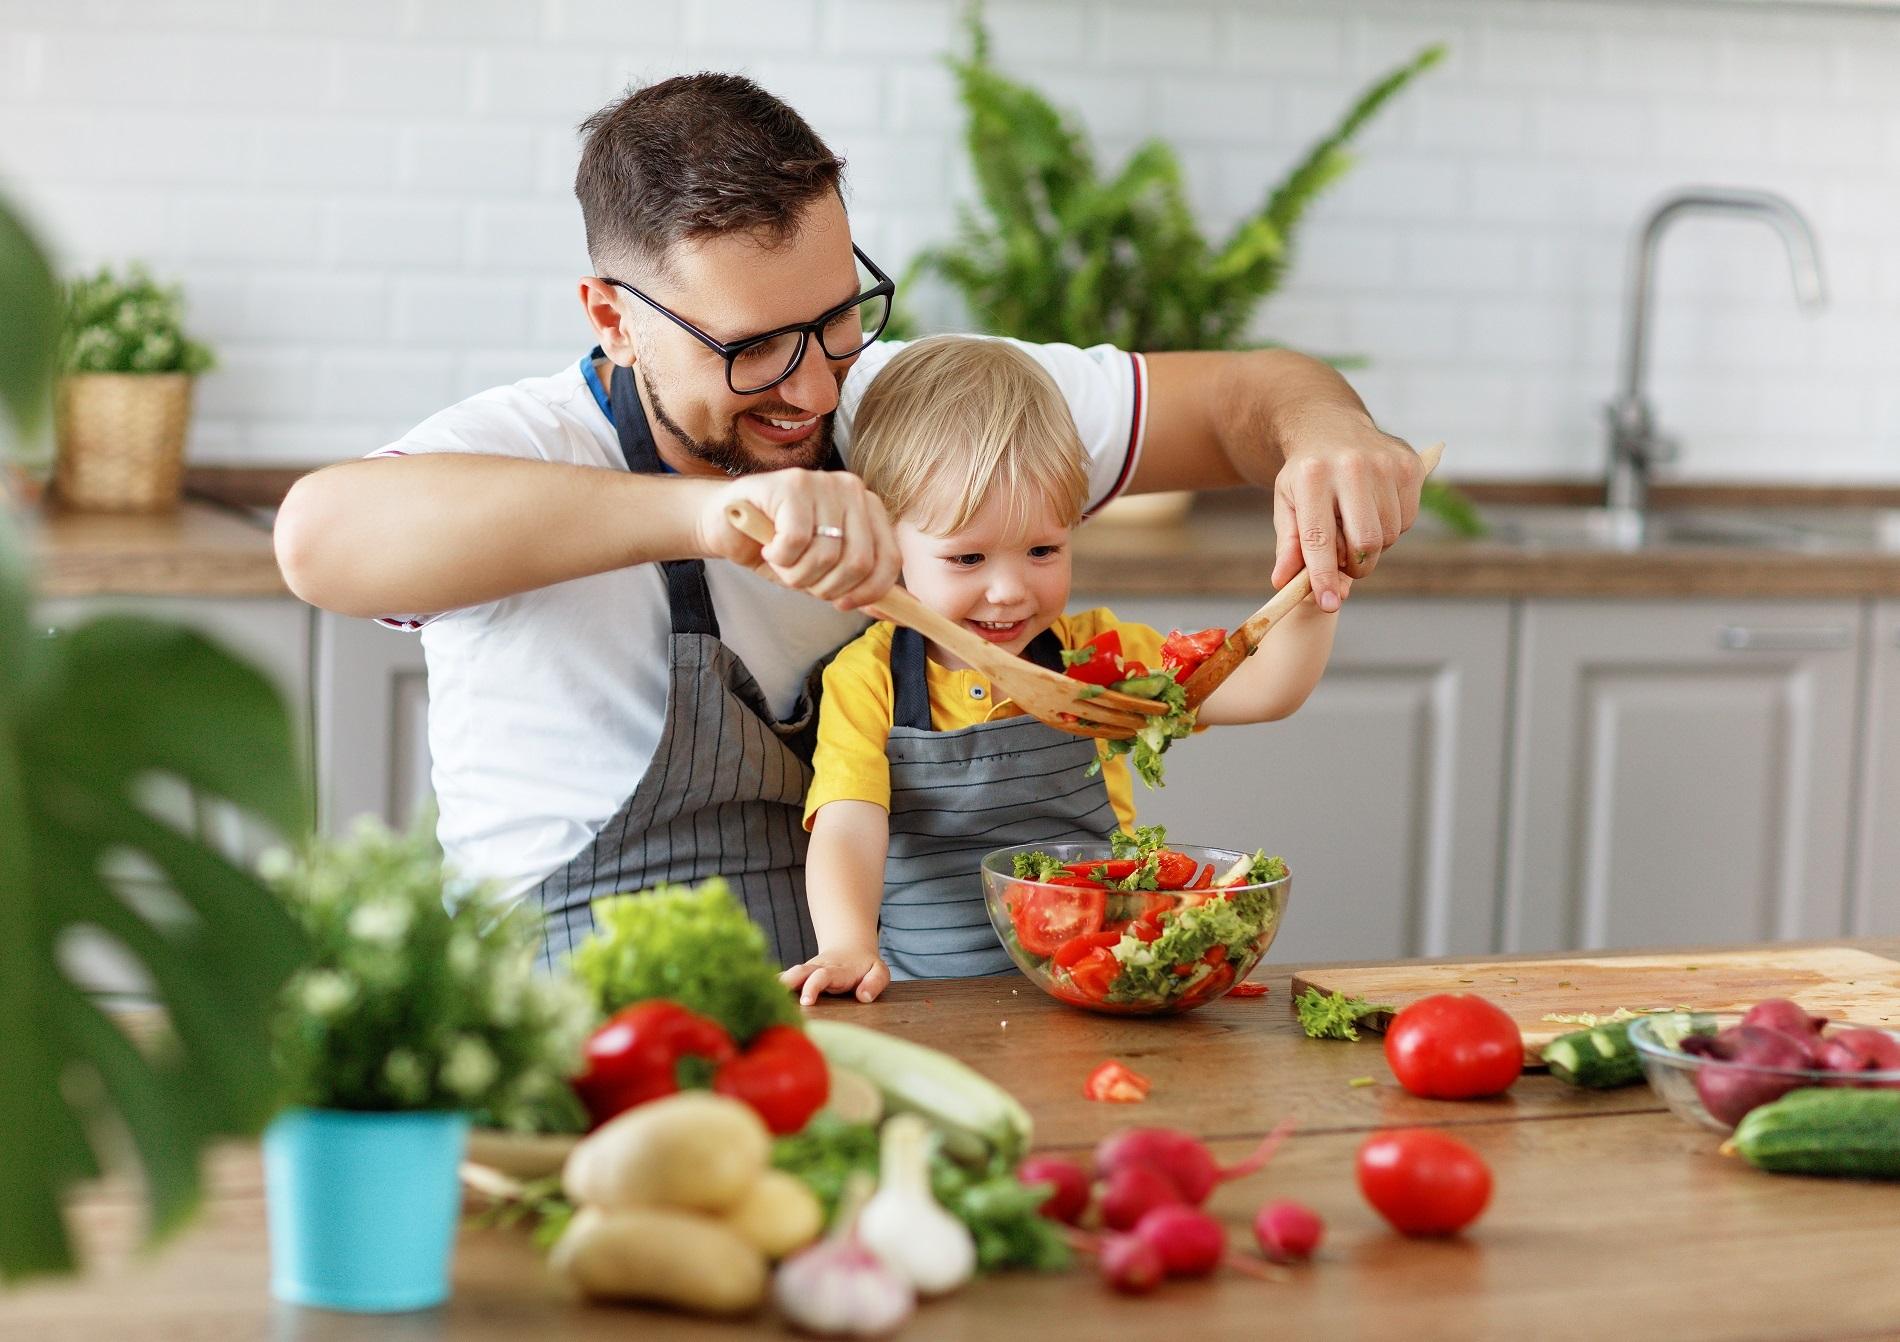 La sanidad vegetal y su compromiso irrenunciable con nuestra seguridad alimentaria